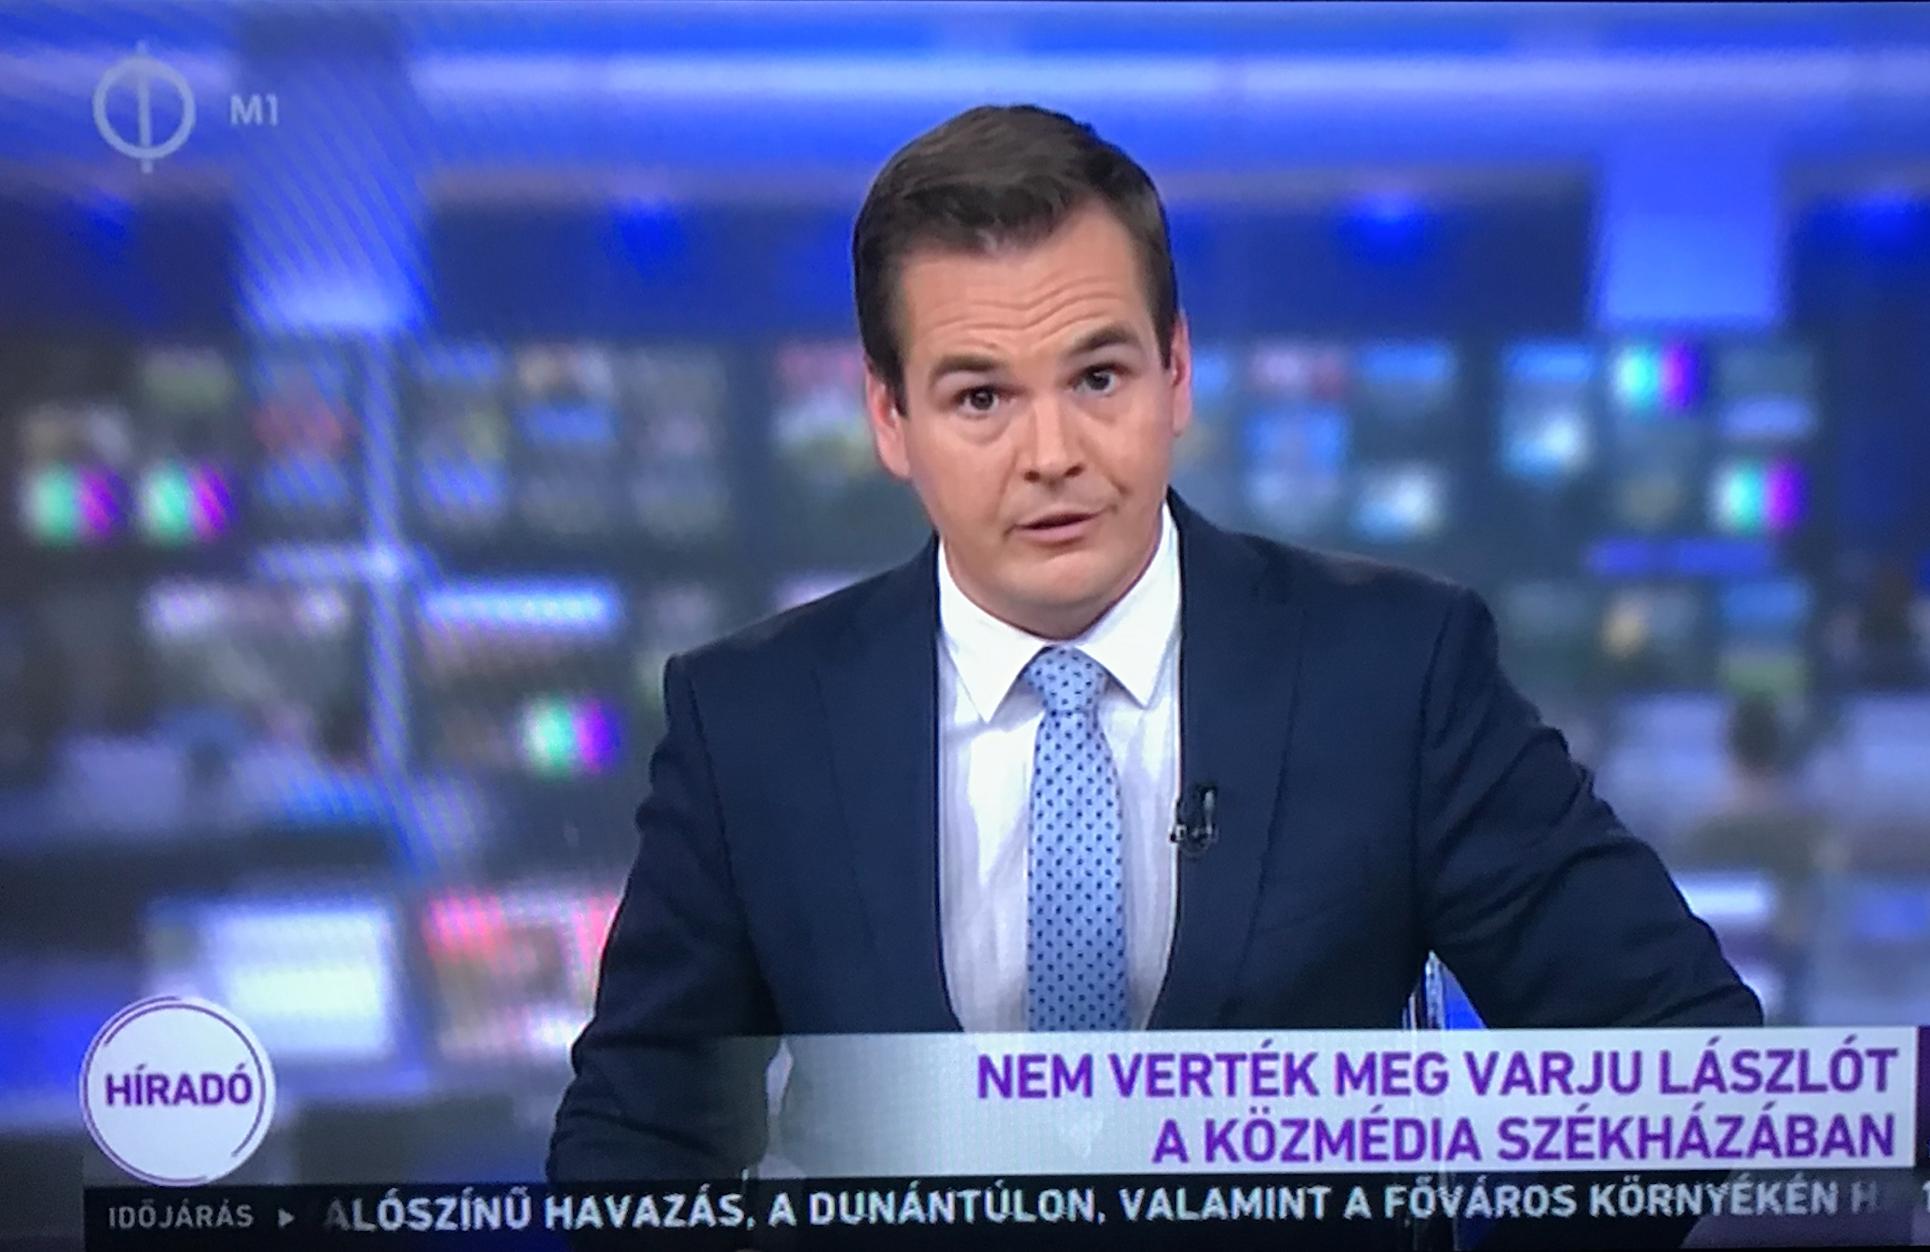 Az M1 híradóban bemondták, hogy az eltitkolt felvételeken semmi új nincs, Varju támad, az őrök végzik a munkájukat